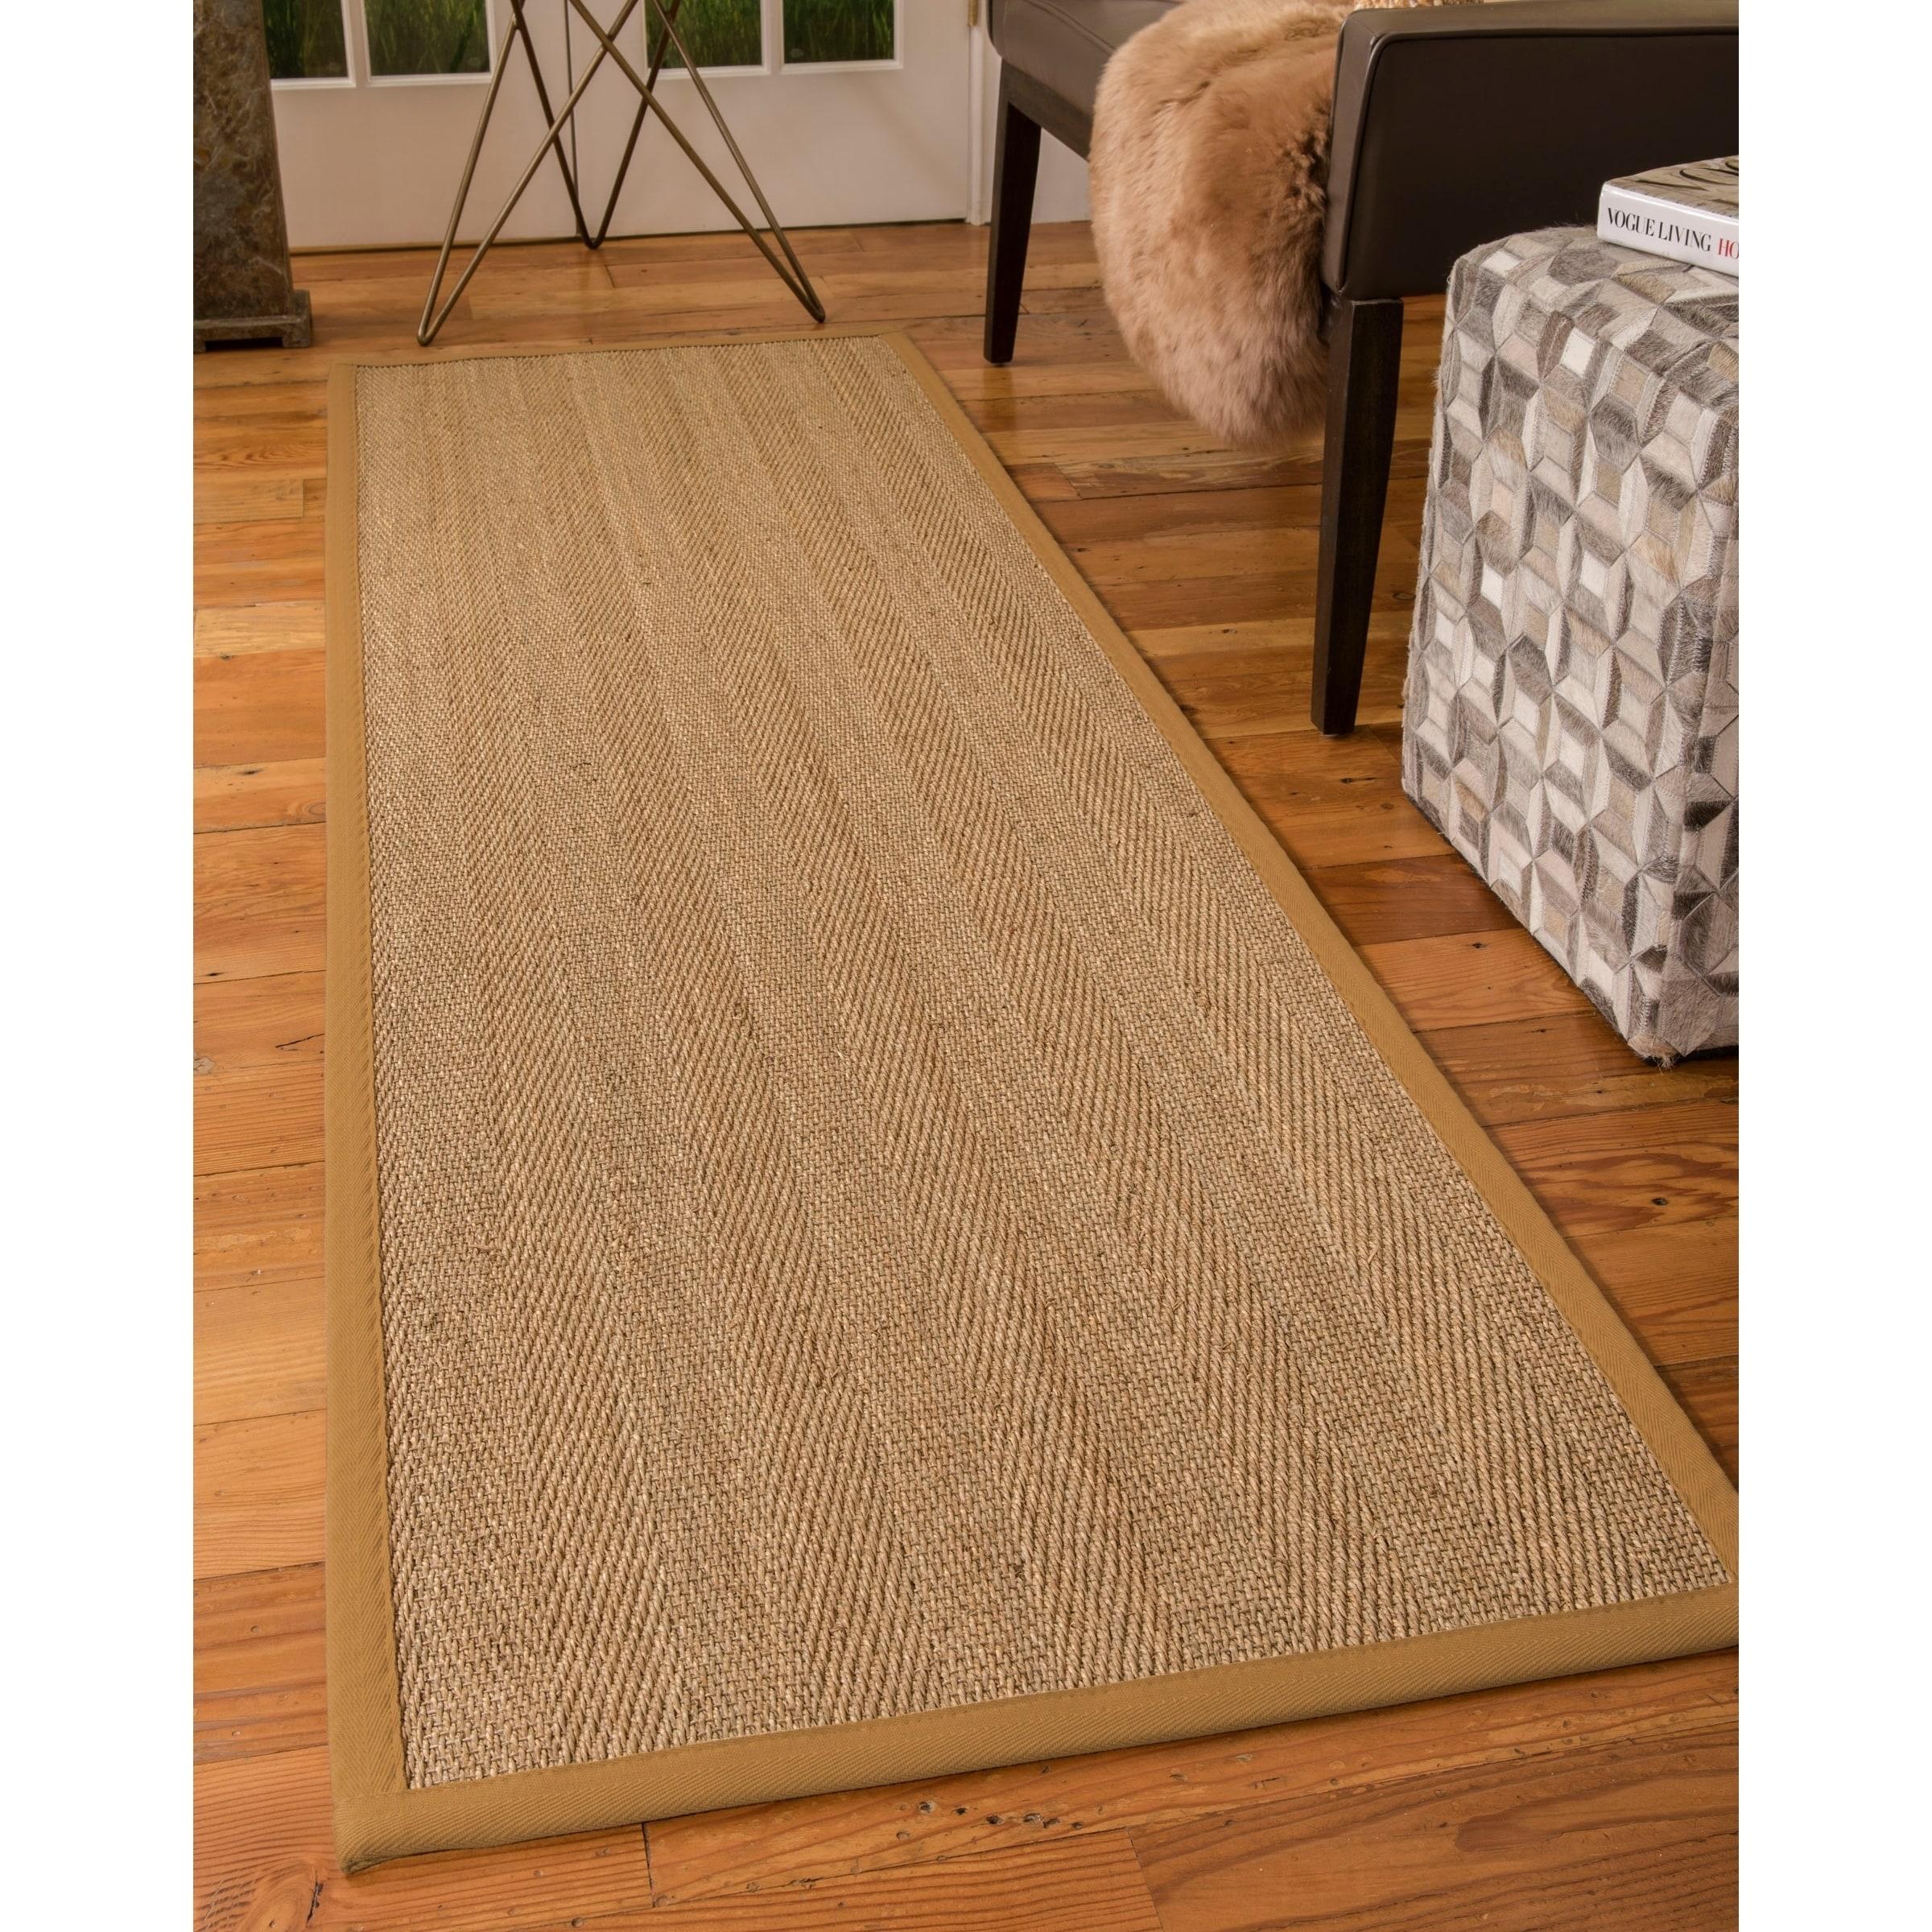 Seagr Carpet Runner